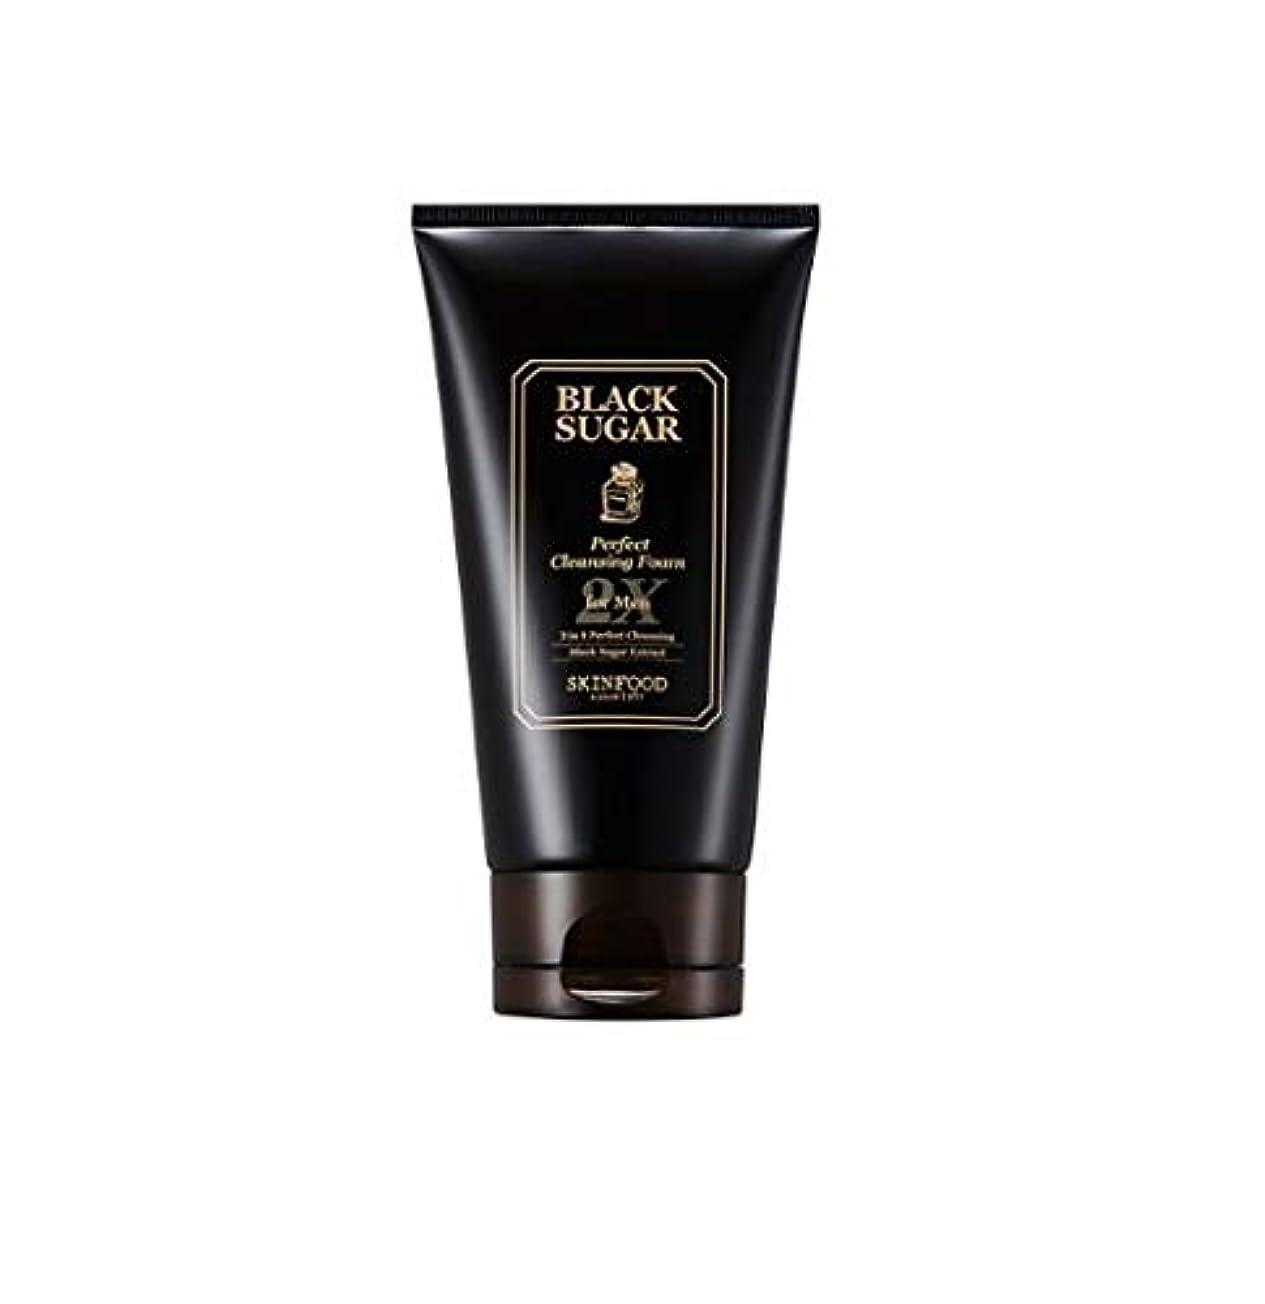 フォーム爆発四回Skinfood 男性用ブラックシュガーパーフェクトクレンジングフォーム2X / Black Sugar Perfect Cleansing Foam 2X for Men 150ml [並行輸入品]